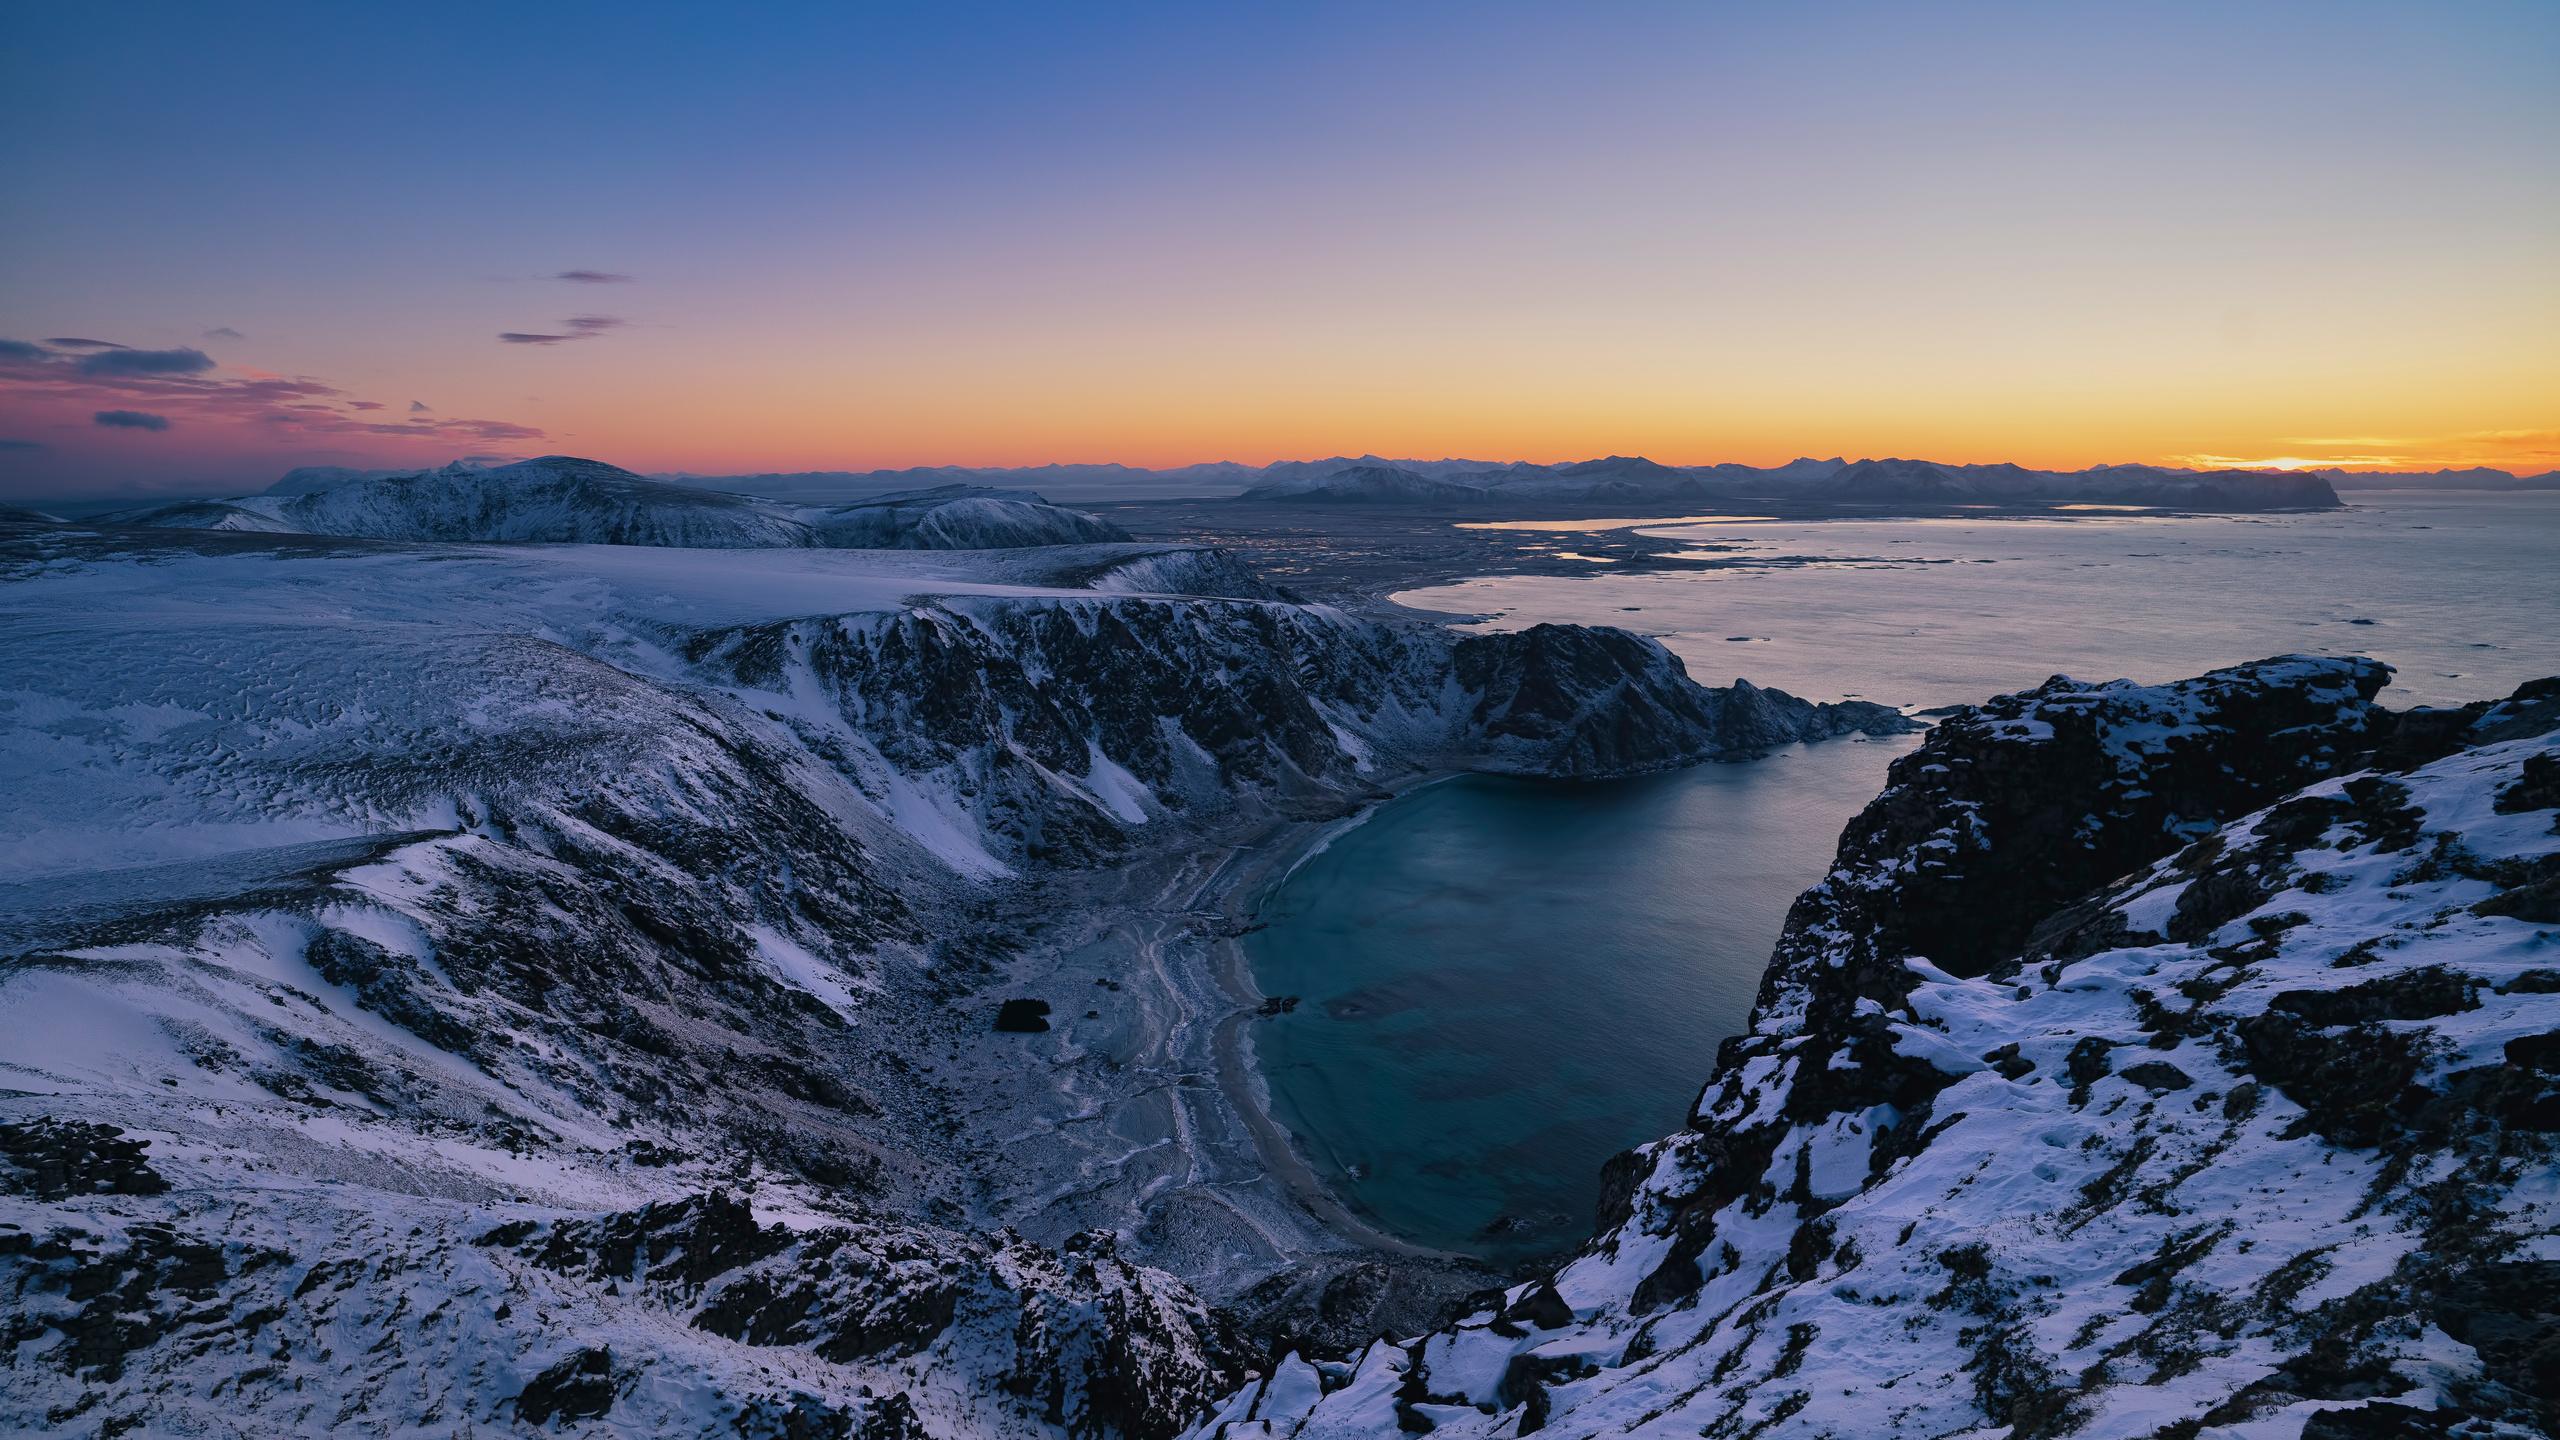 норвегия, лофотенские острова, побережье, горы, сверху, природа